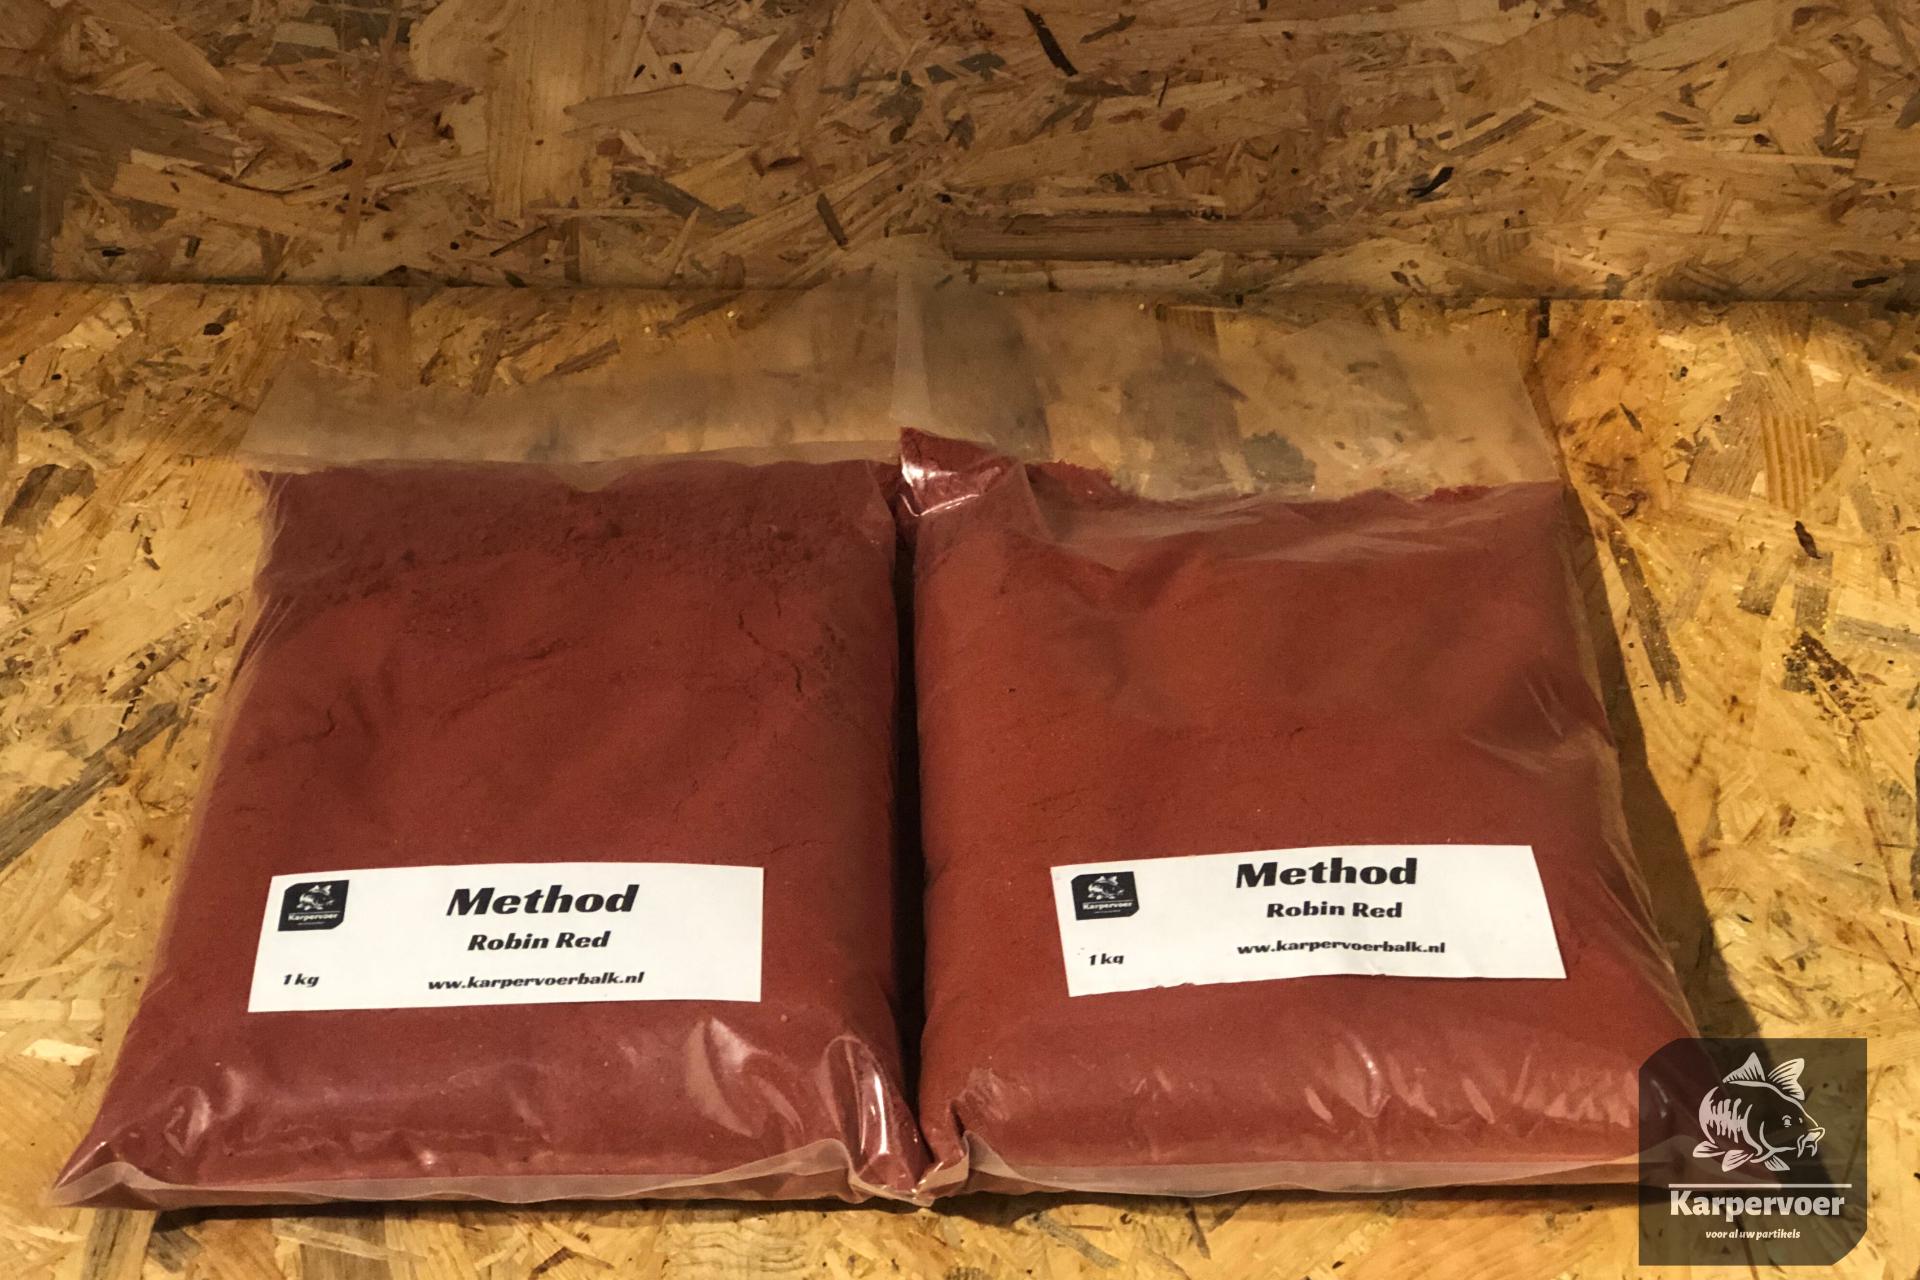 Karpervoer Balk Method robin red 1kg